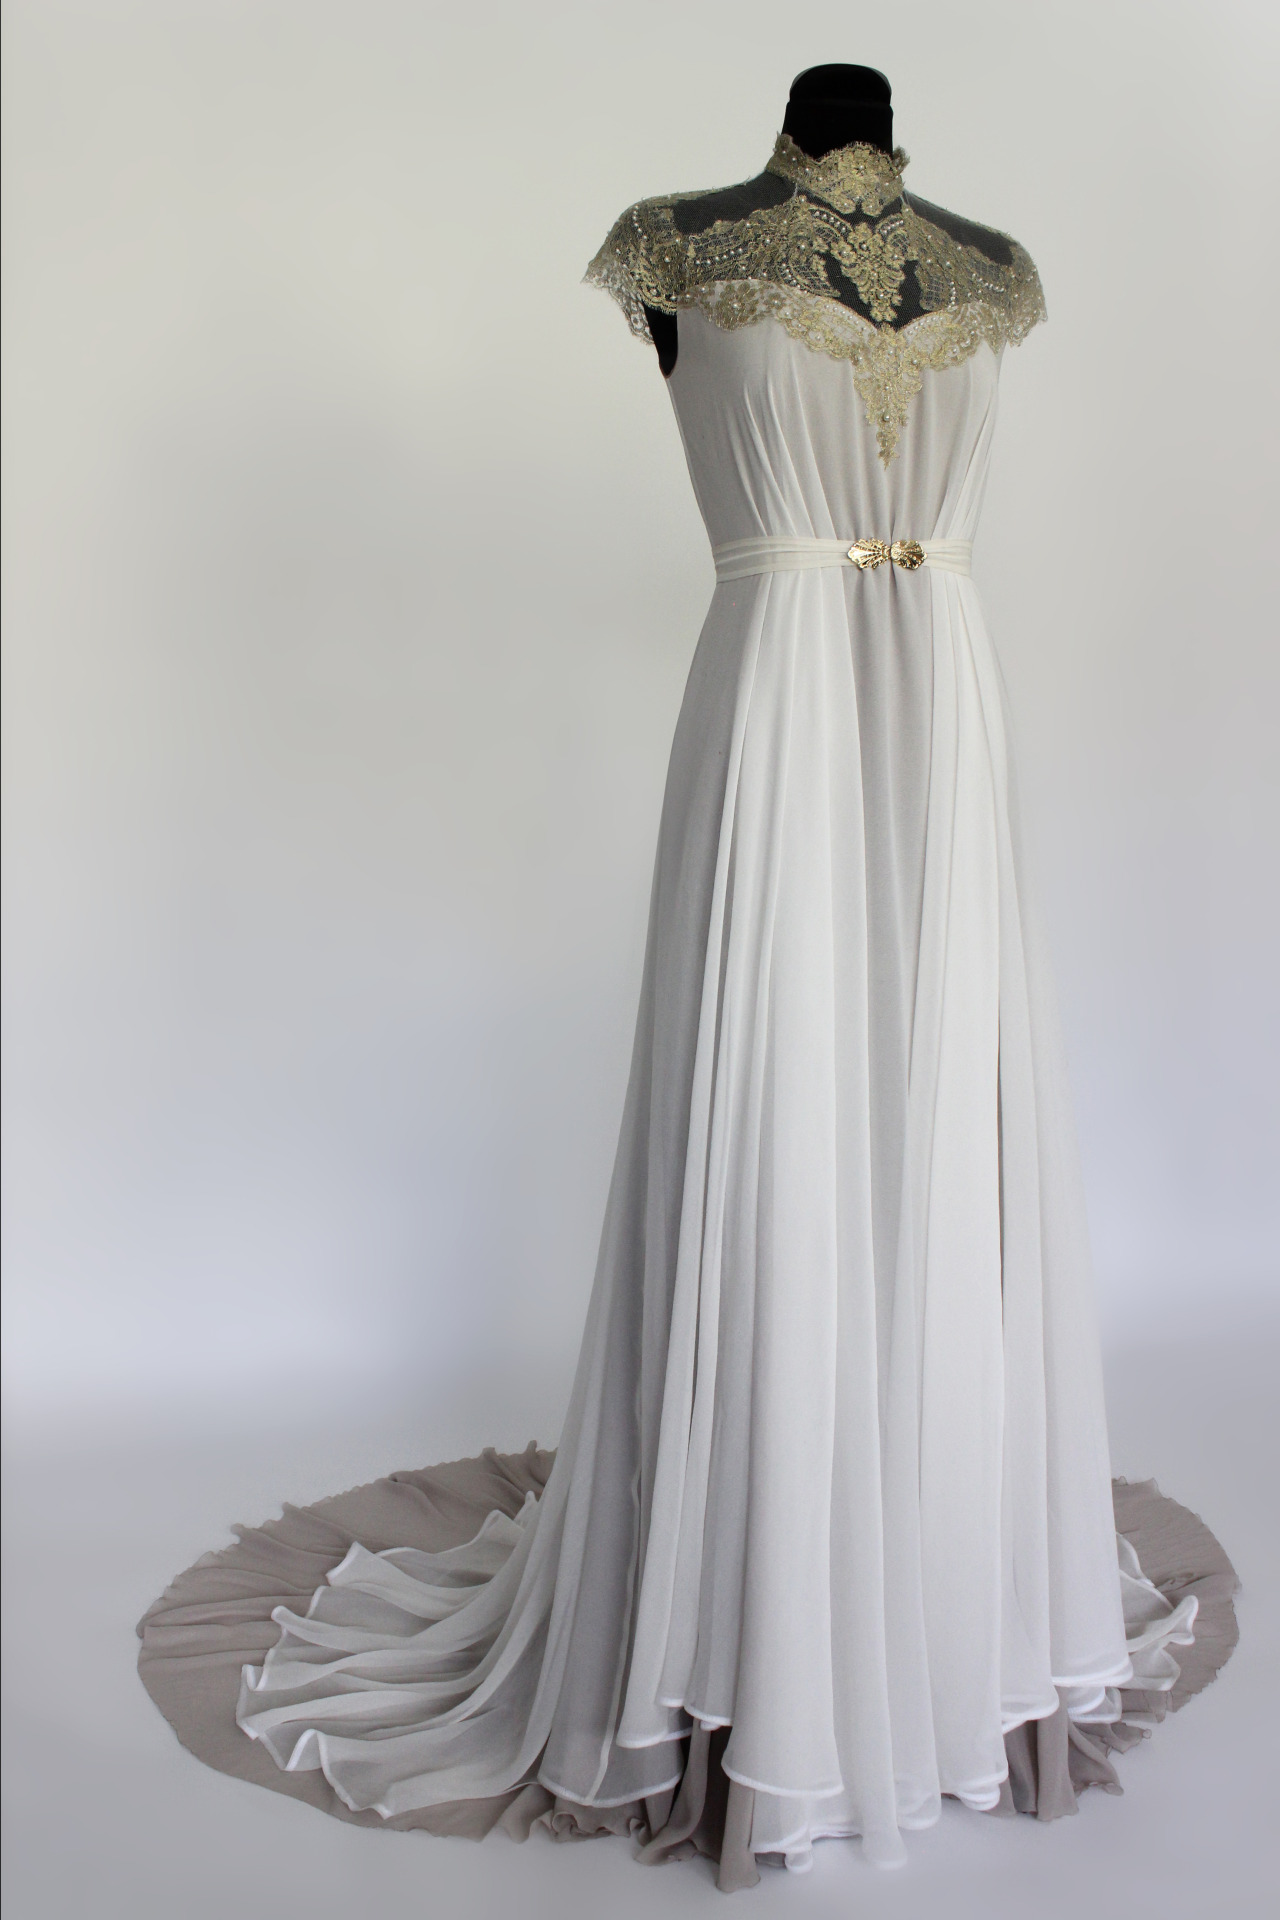 LINDA FRIESEN  Art Nouveau inspired wedding dress made